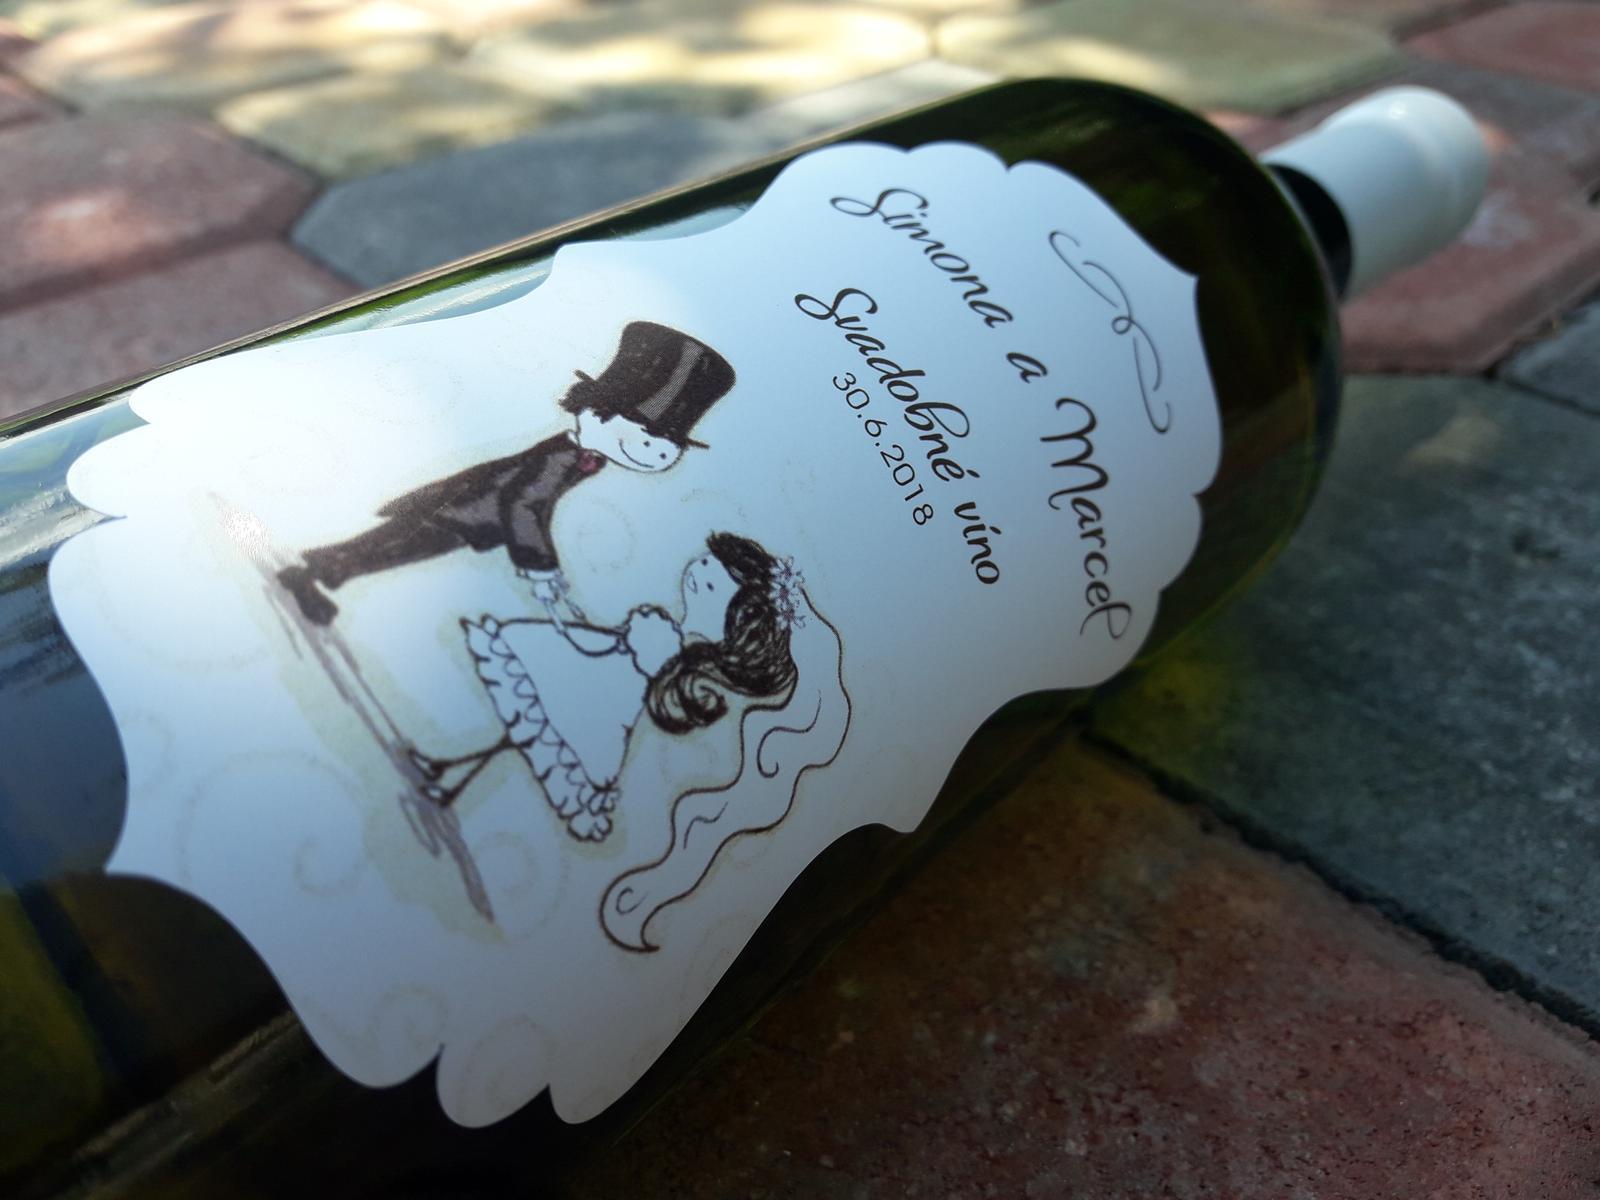 vinomaravilla - Svadobné vínko s vyrezávanou etiketou v štýle panáčikov